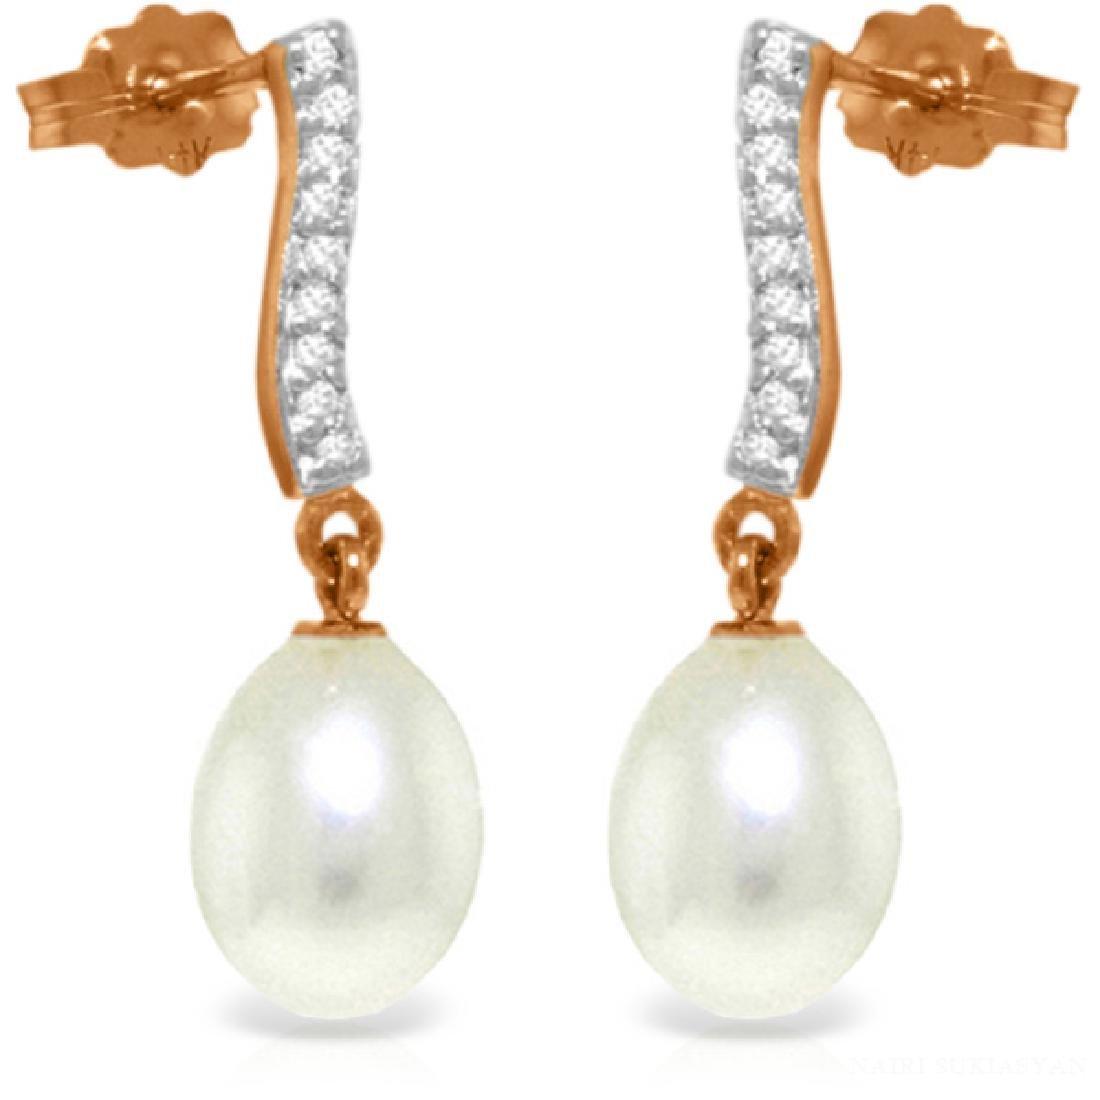 Genuine 8.28 ctw Pearl & Diamond Earrings Jewelry 14KT